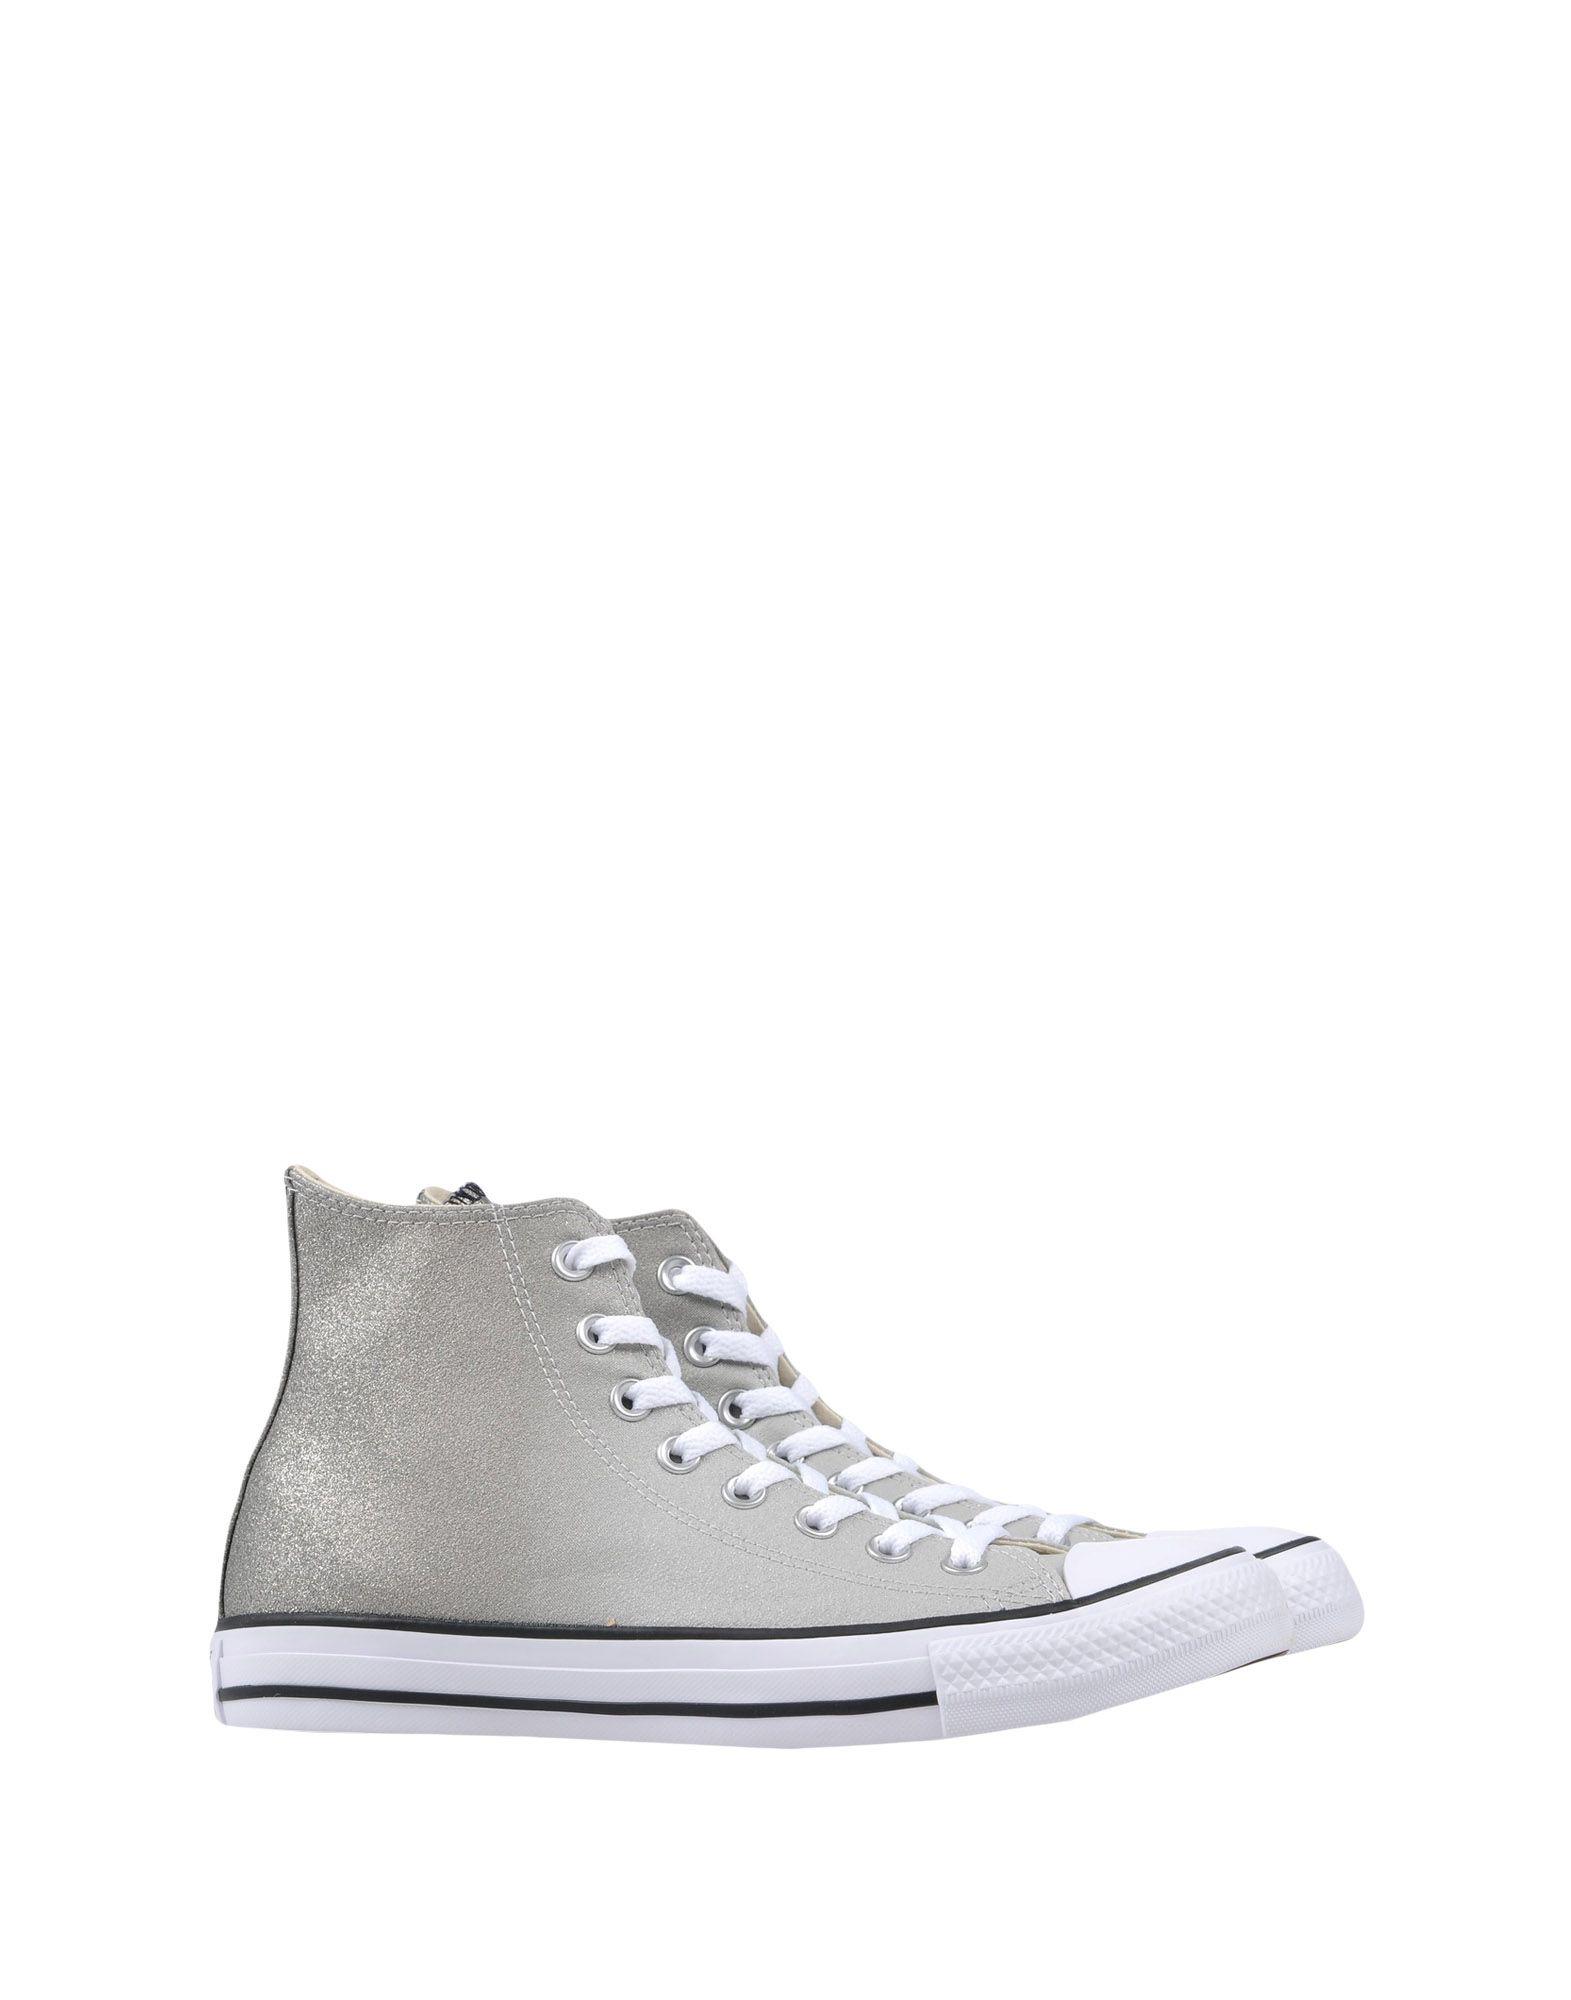 Sneakers Converse All Star Ctas Hi Ombre Metallic - Femme - Sneakers Converse All Star sur